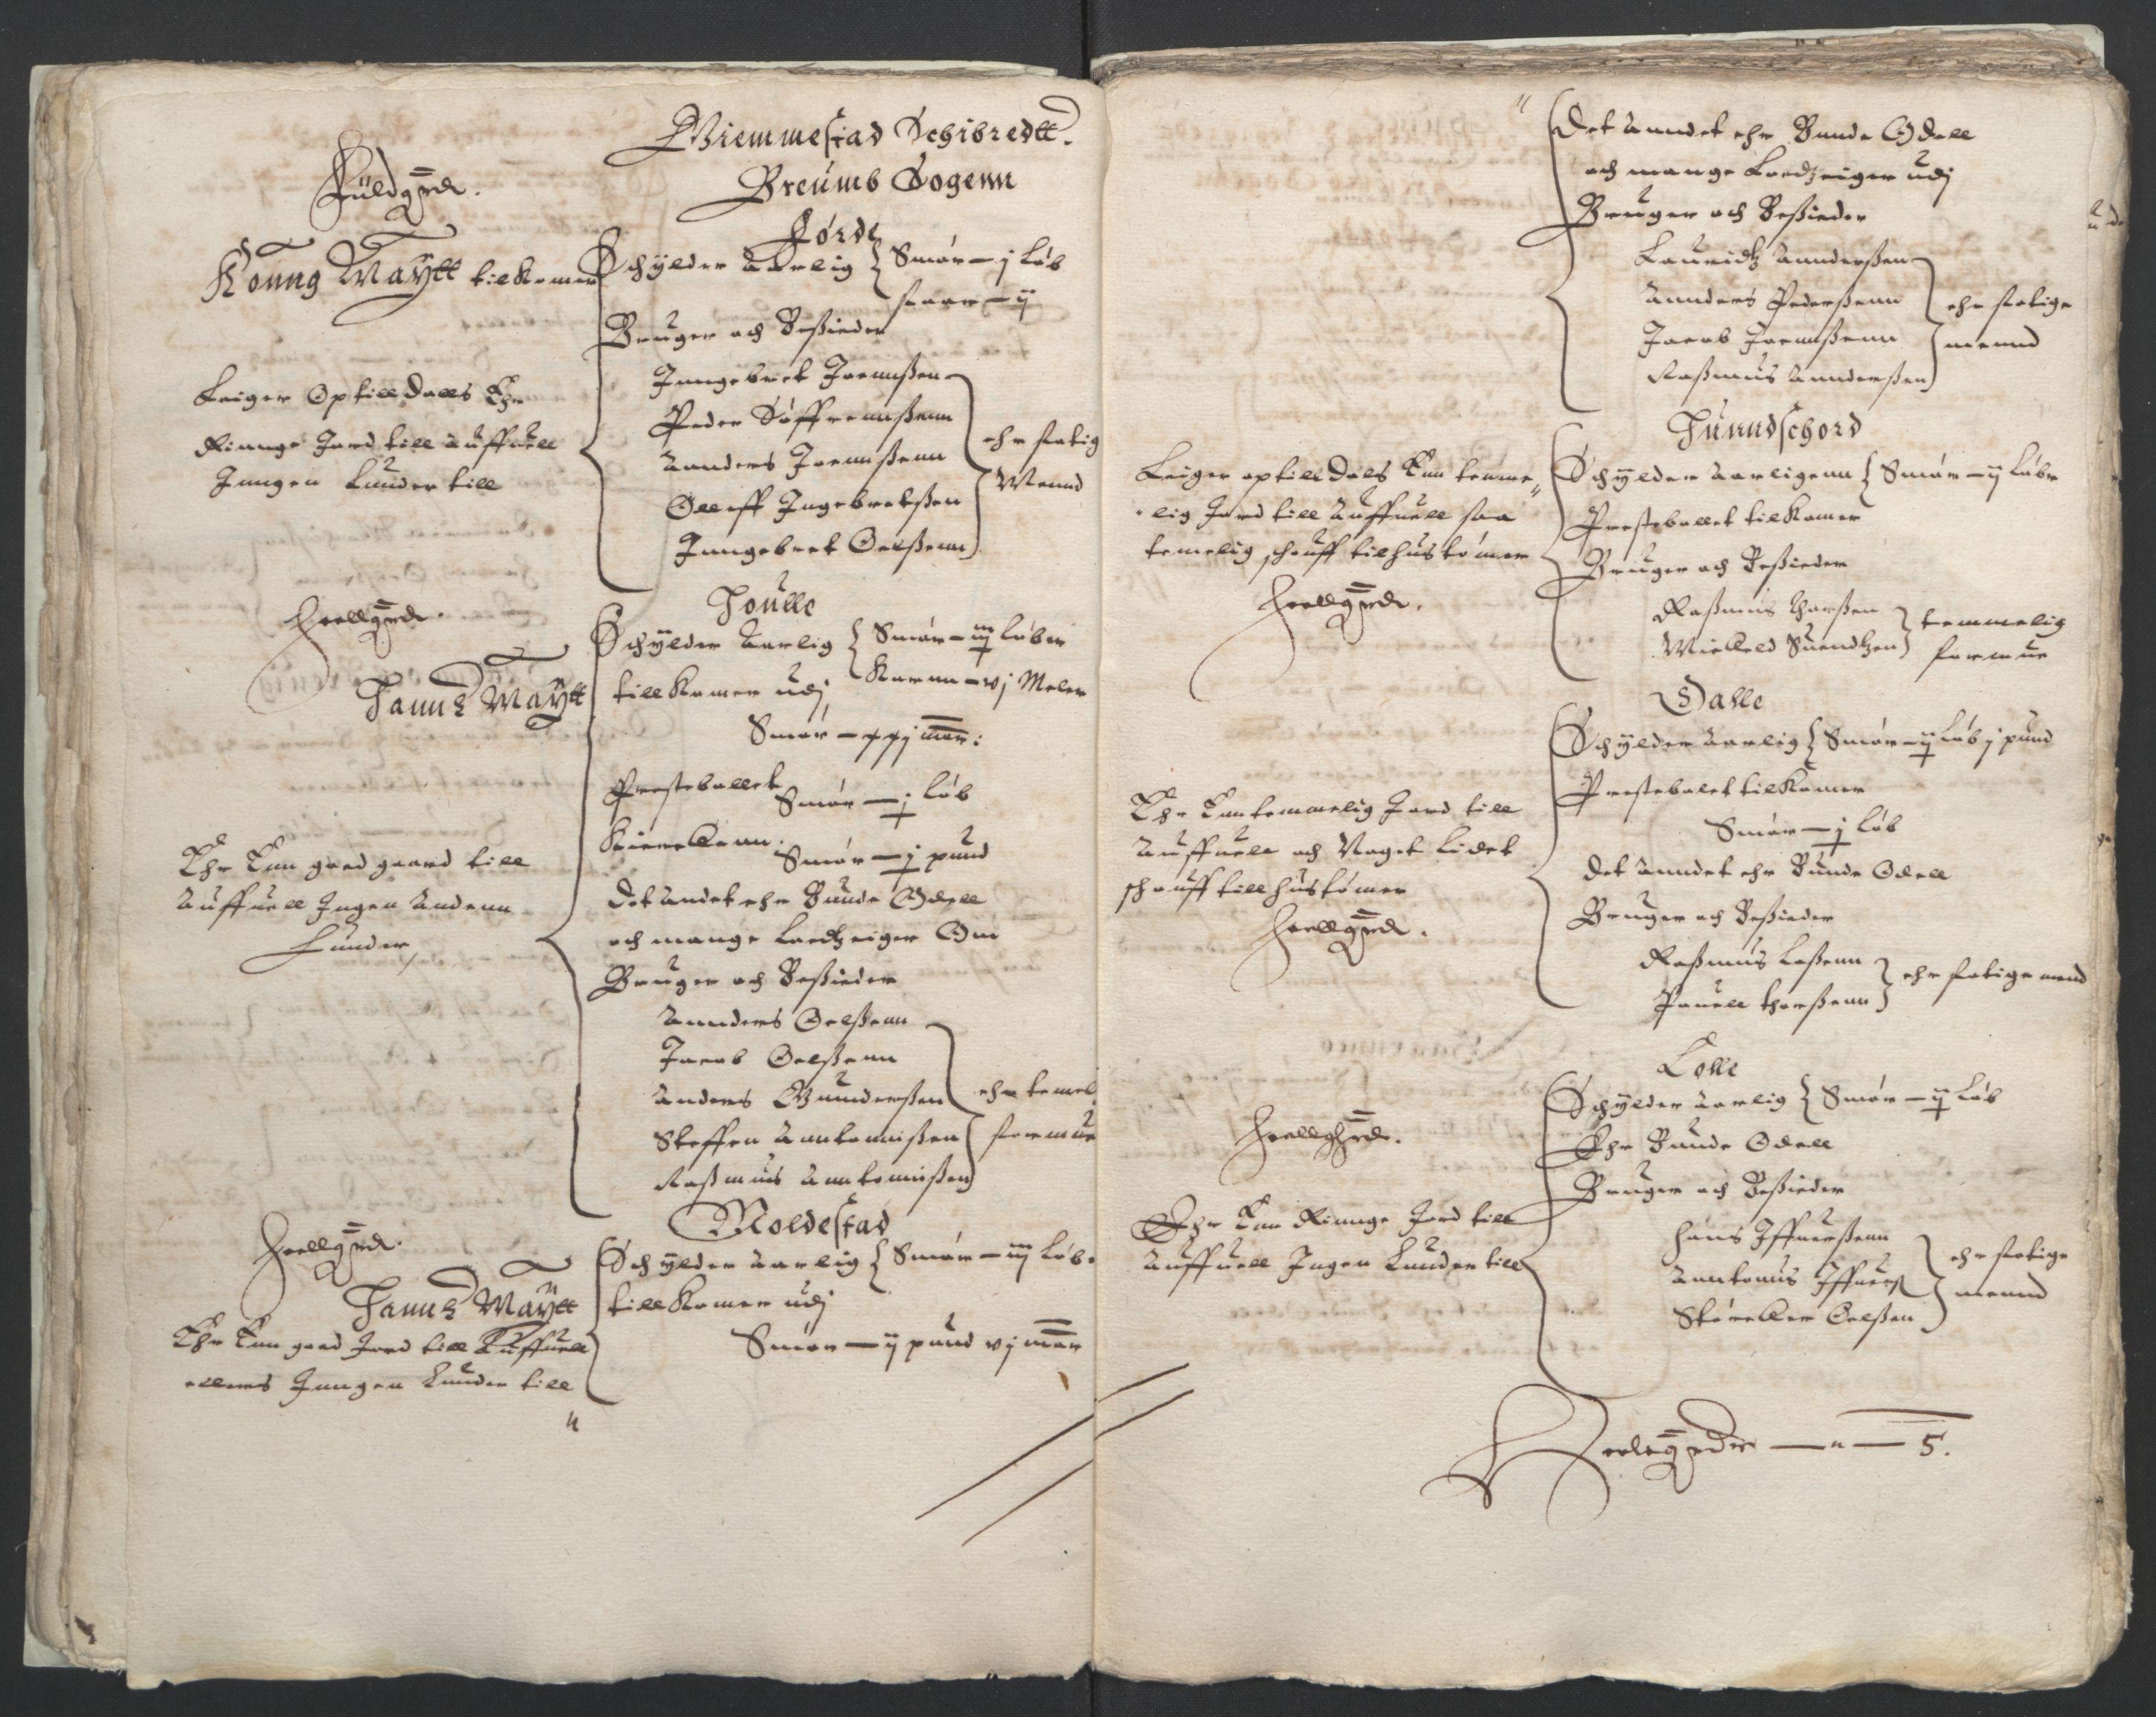 RA, Stattholderembetet 1572-1771, Ek/L0005: Jordebøker til utlikning av garnisonsskatt 1624-1626:, 1626, s. 64